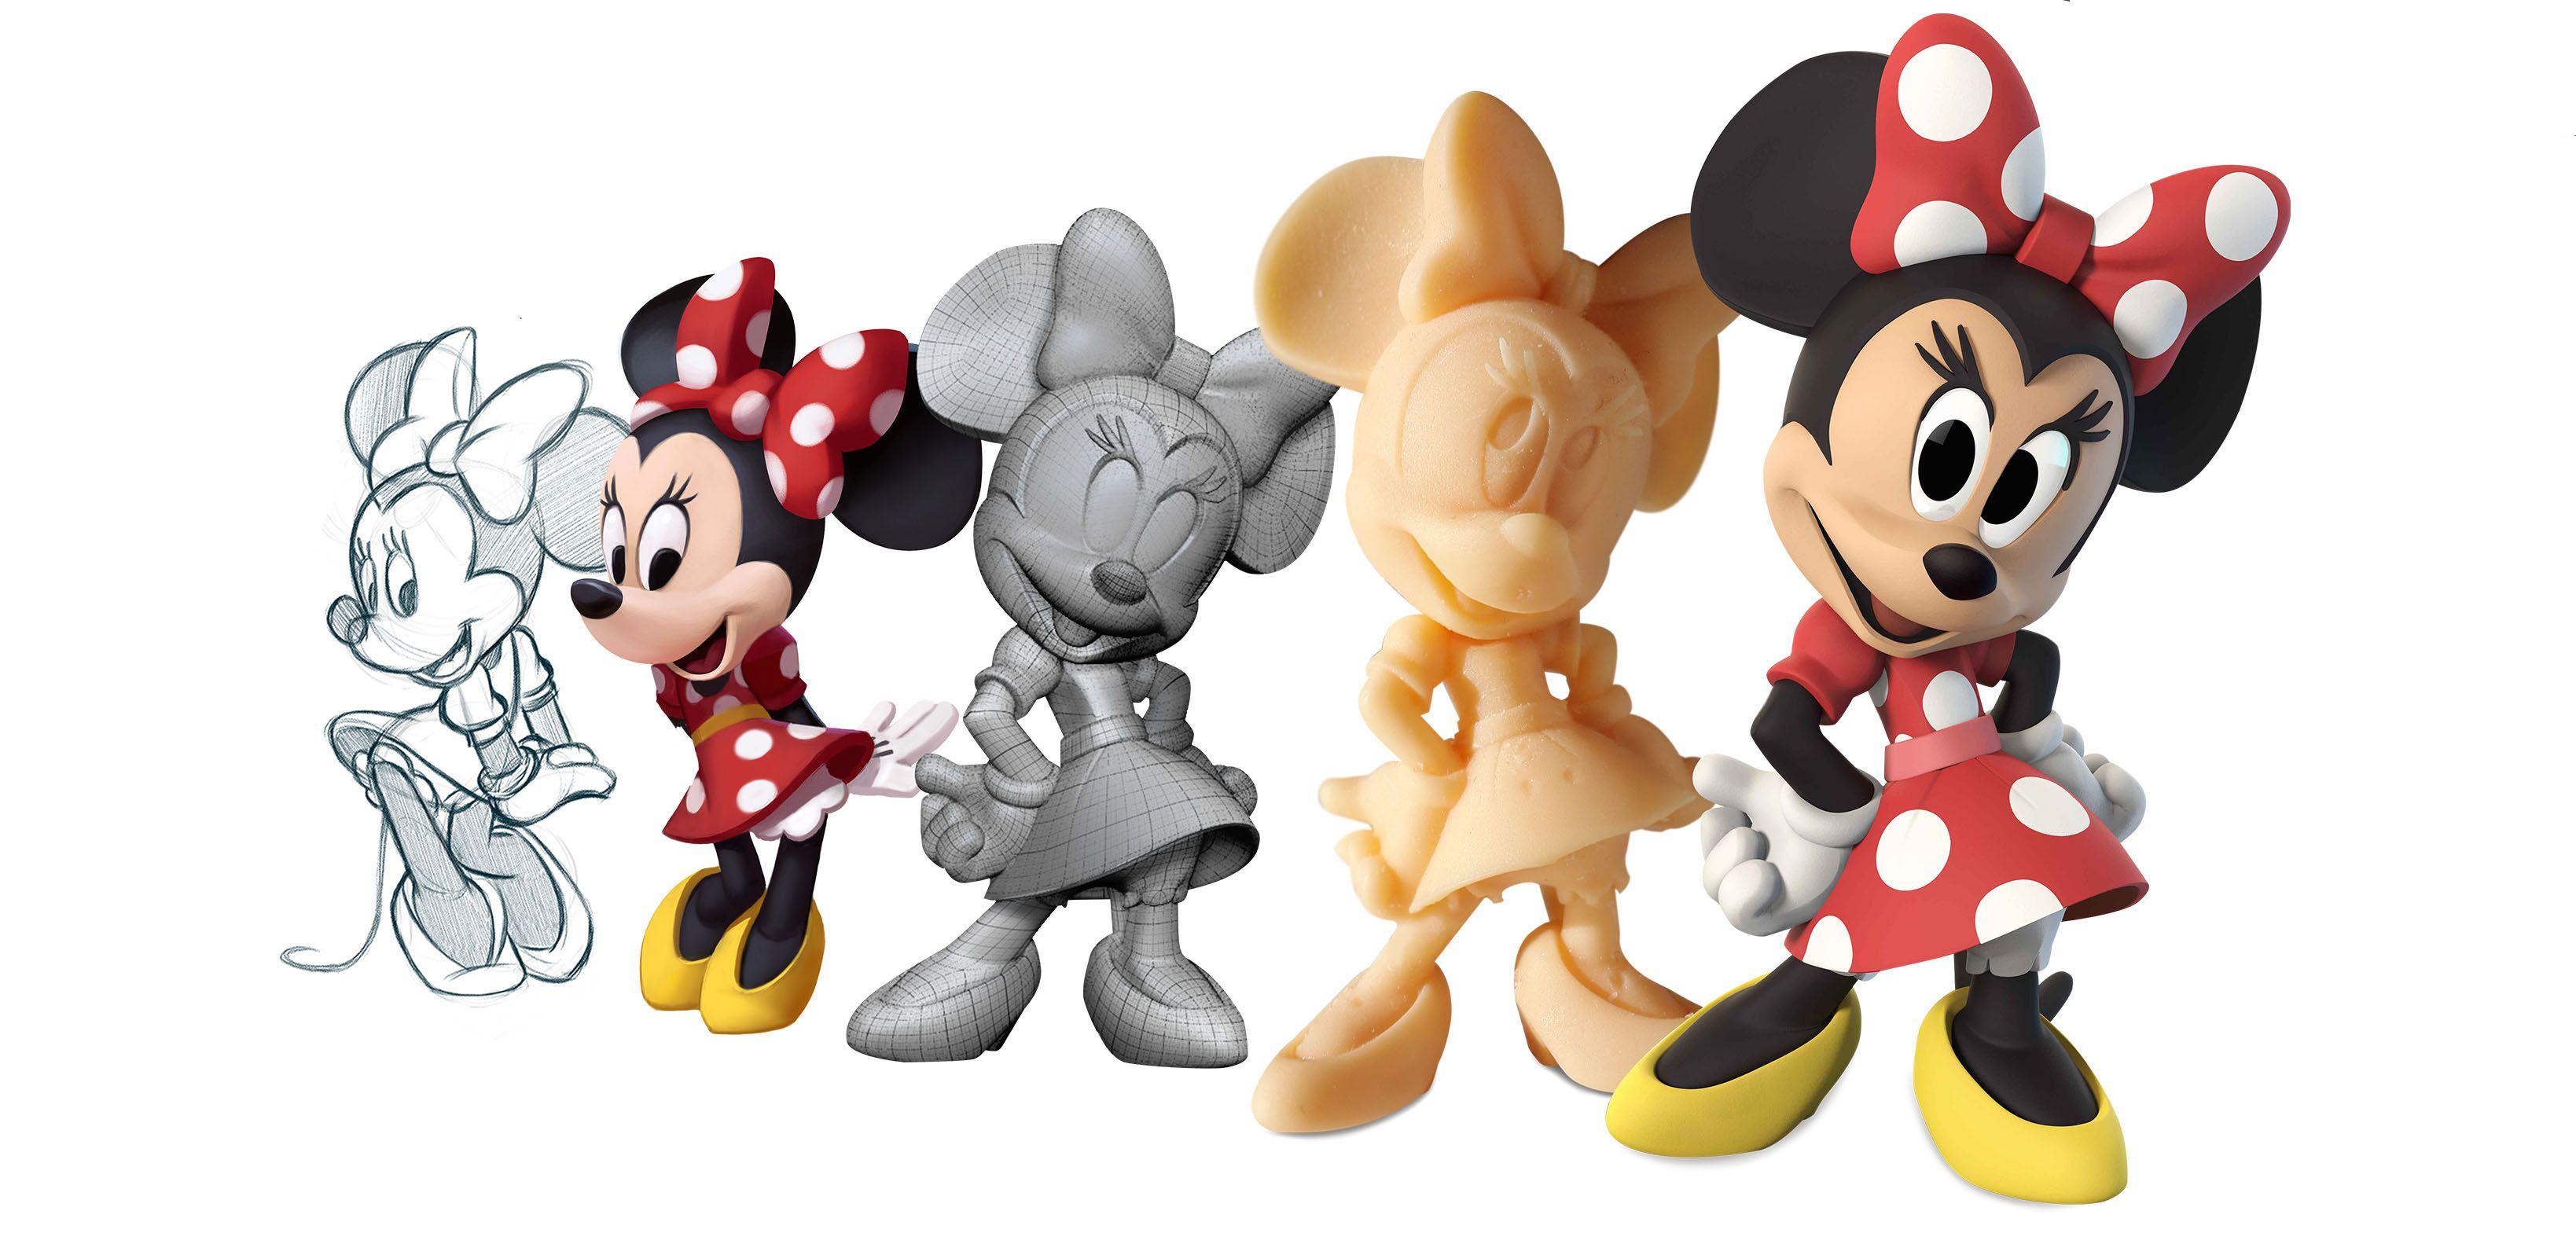 Disney Infinity Minnie figure